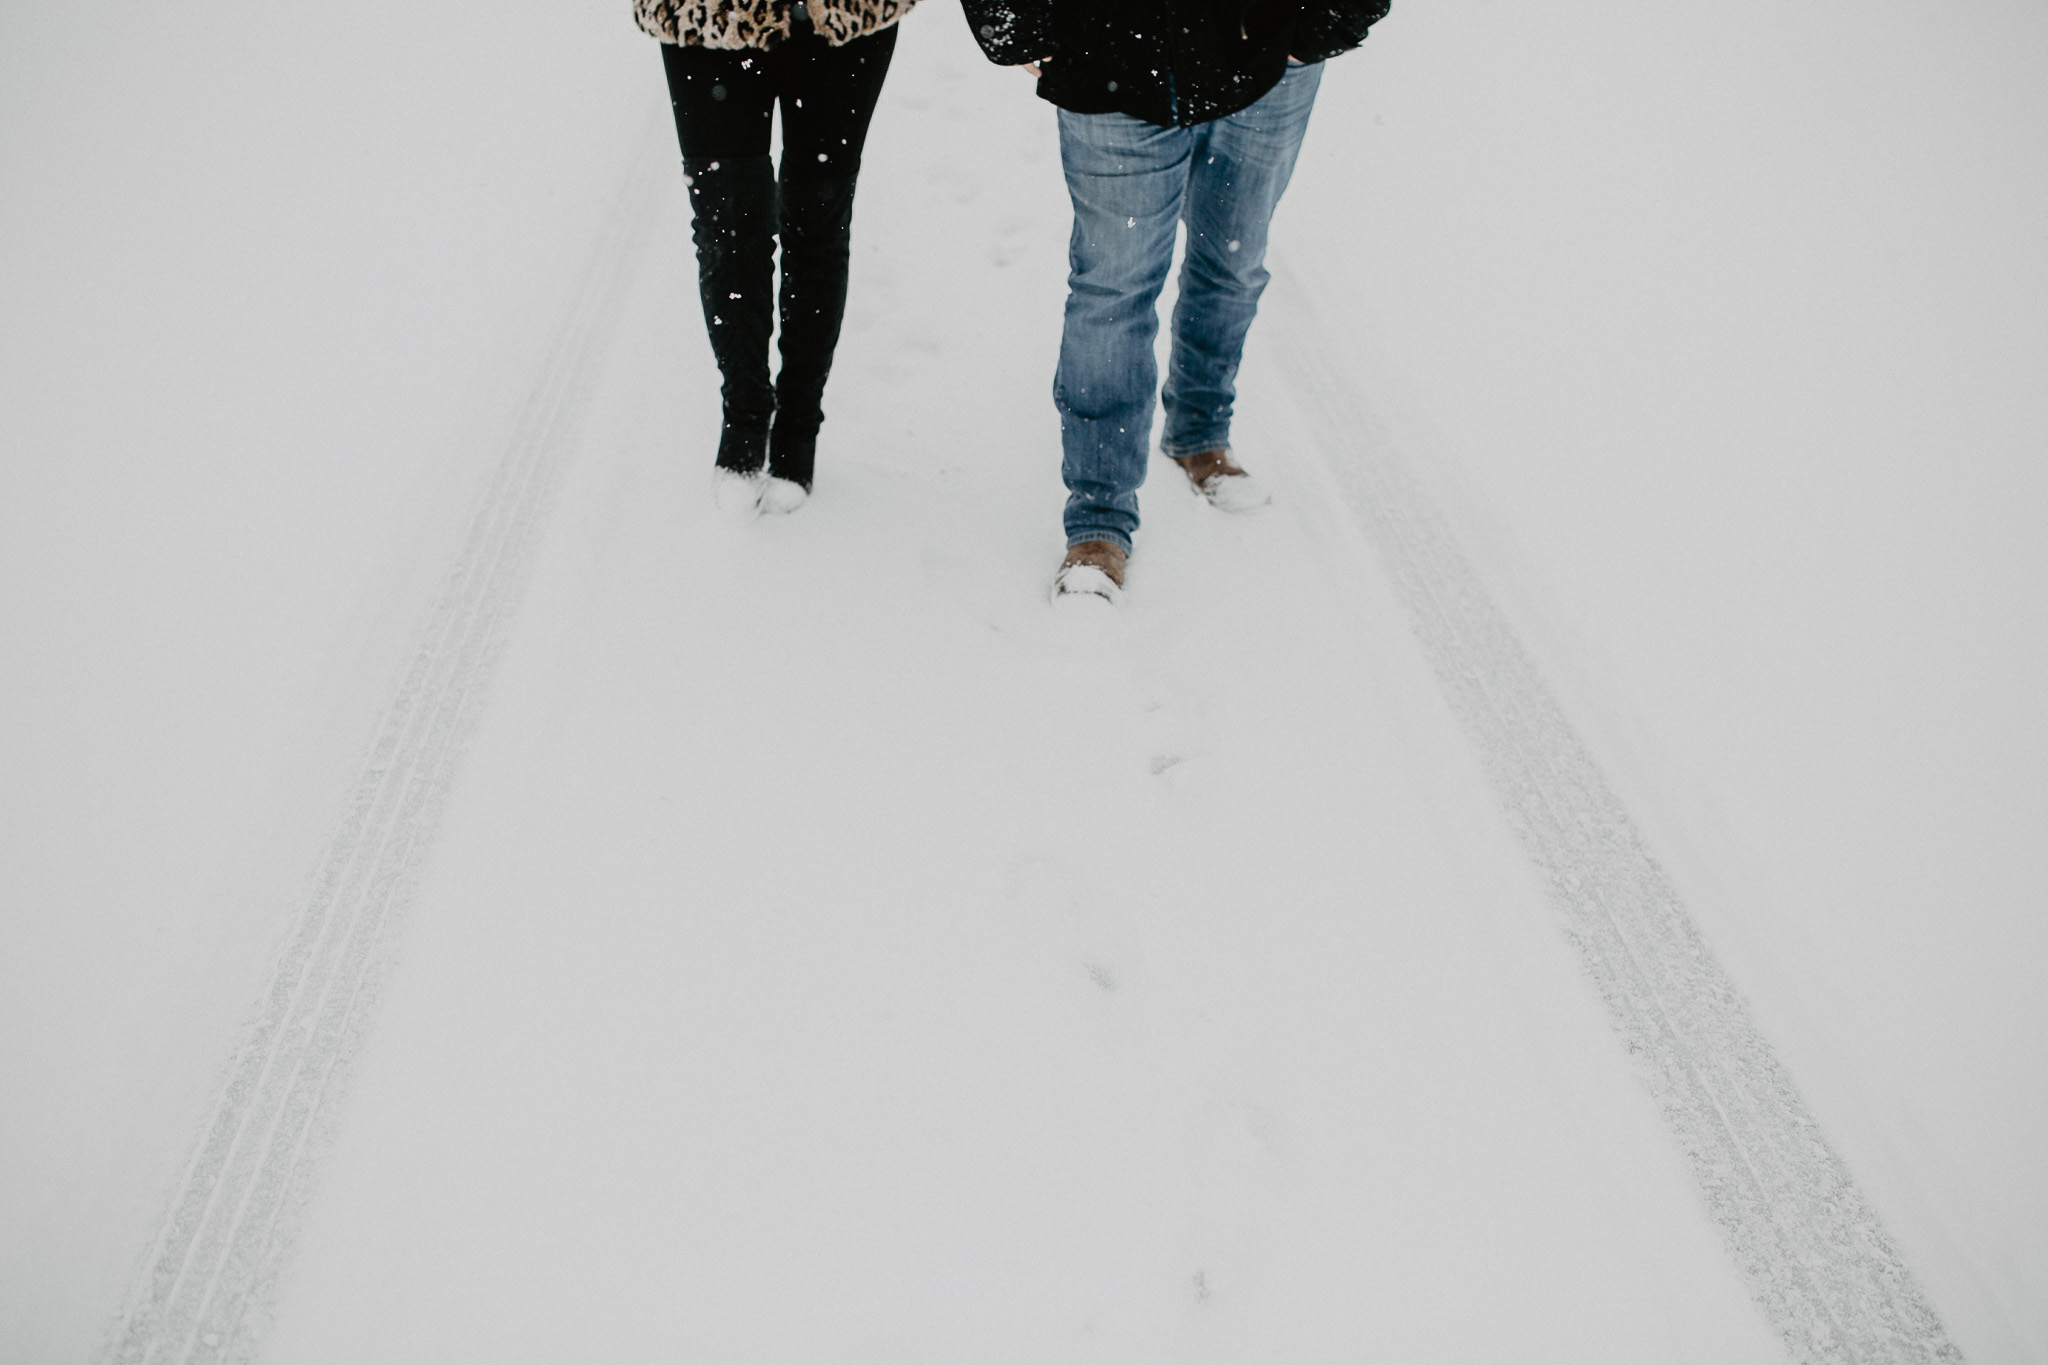 sesion-en-la-nieve-IMG_2670.jpg